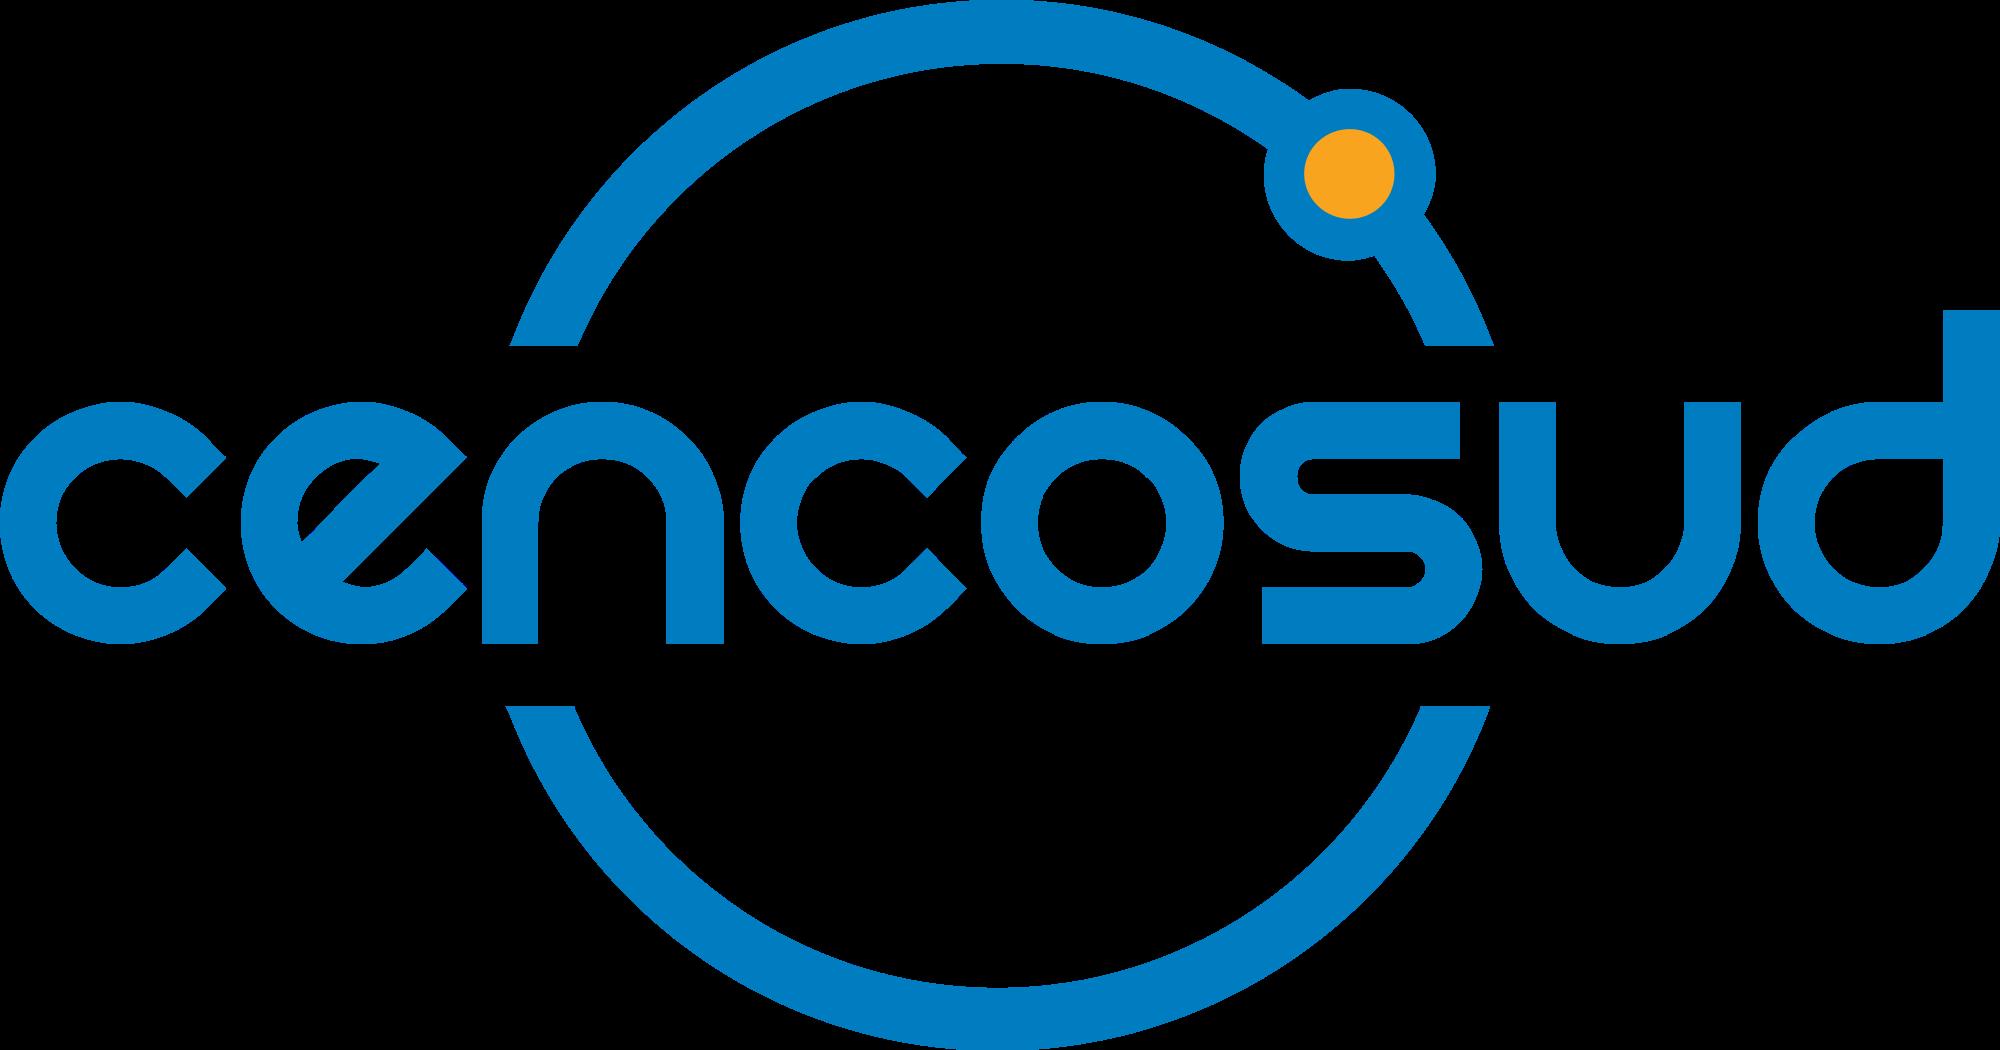 Cencosud_logo.svg.png